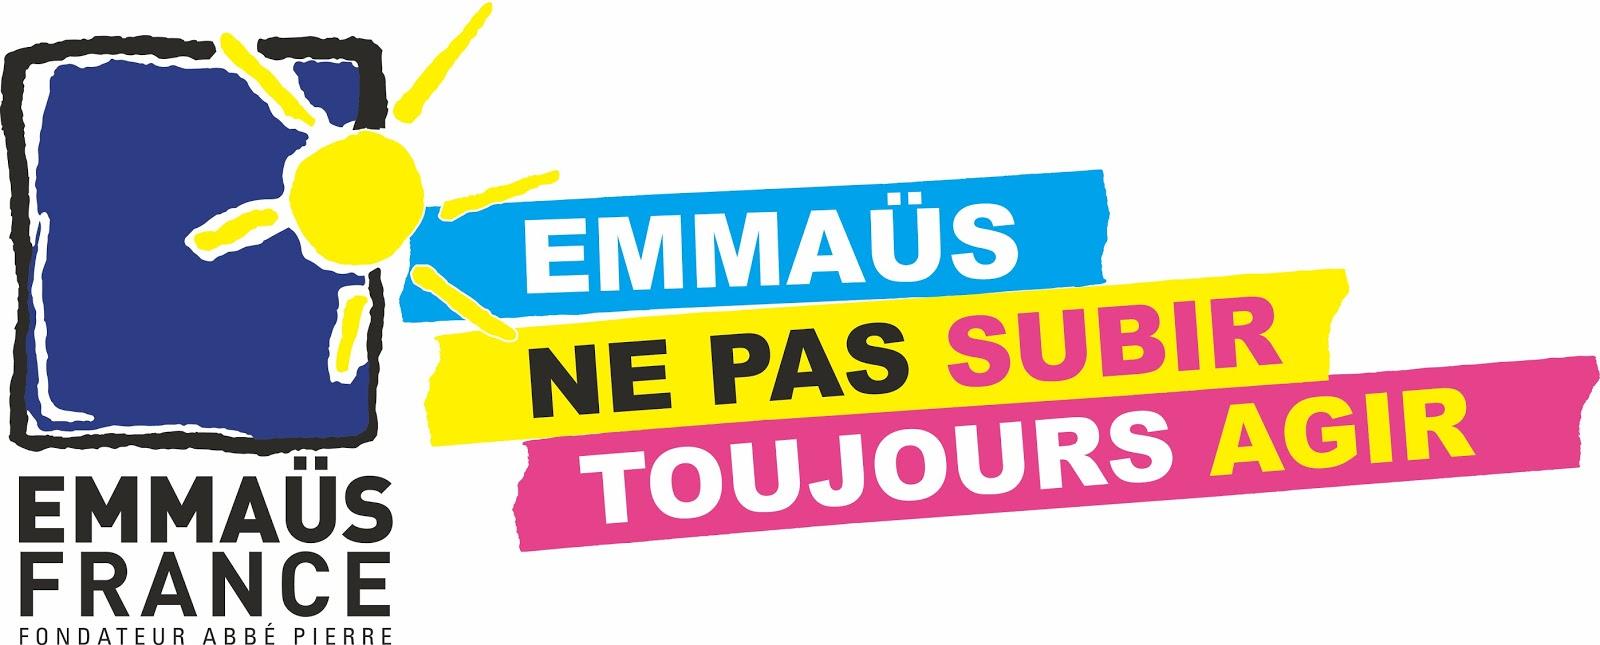 """Résultat de recherche d'images pour """"Emmaus france logo"""""""